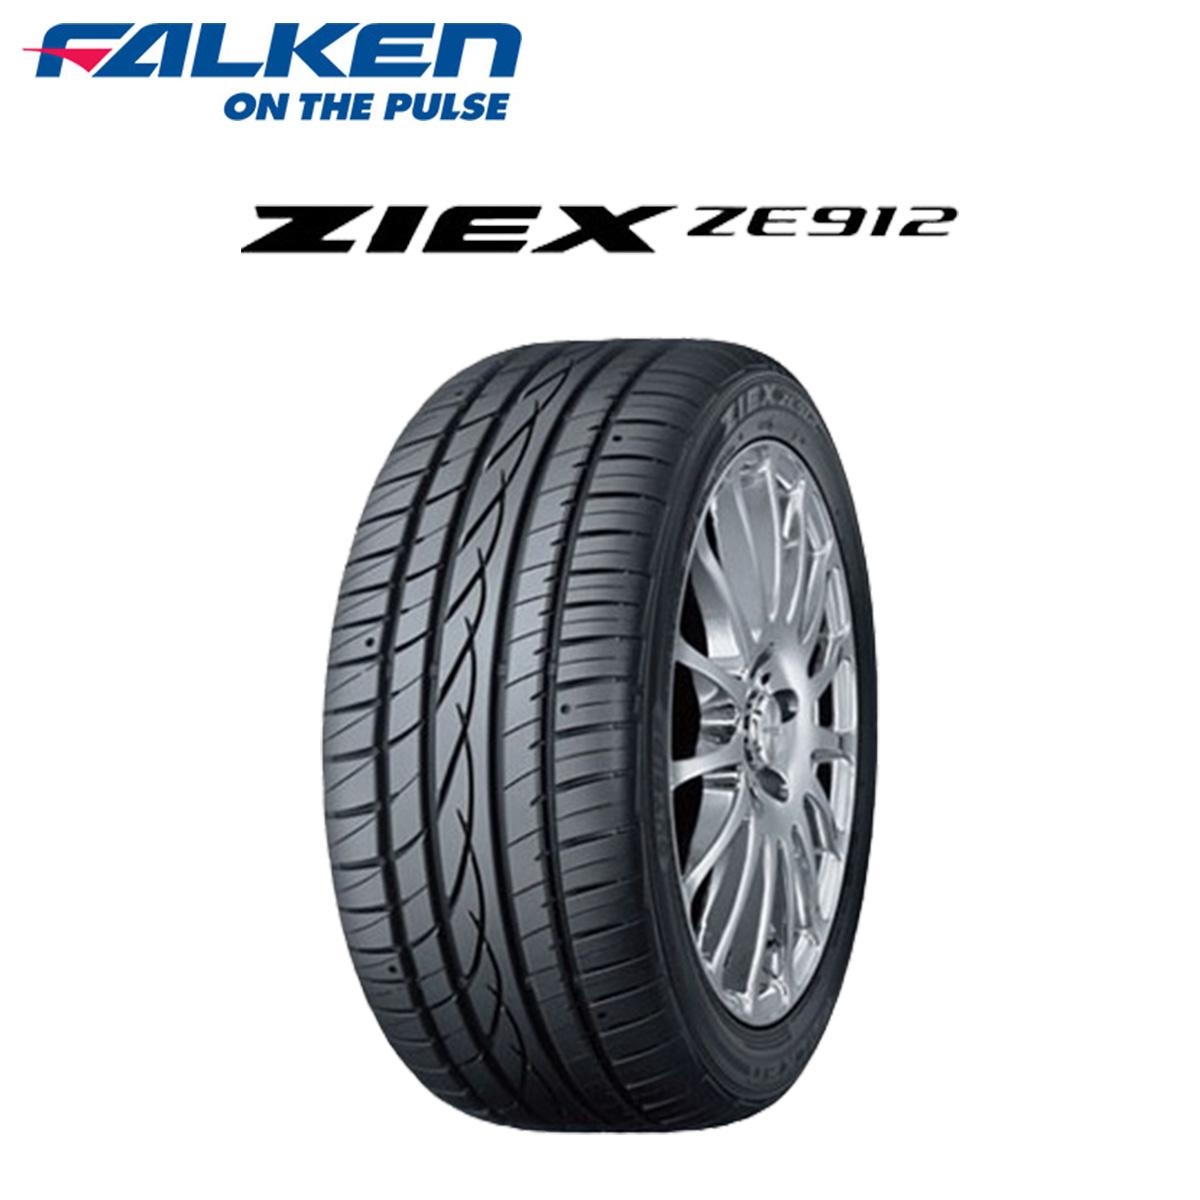 FALKEN ファルケン 低燃費 サマータイヤ 4本 セット 13インチ 175/60R13 ZIEX ZE912 ジークス